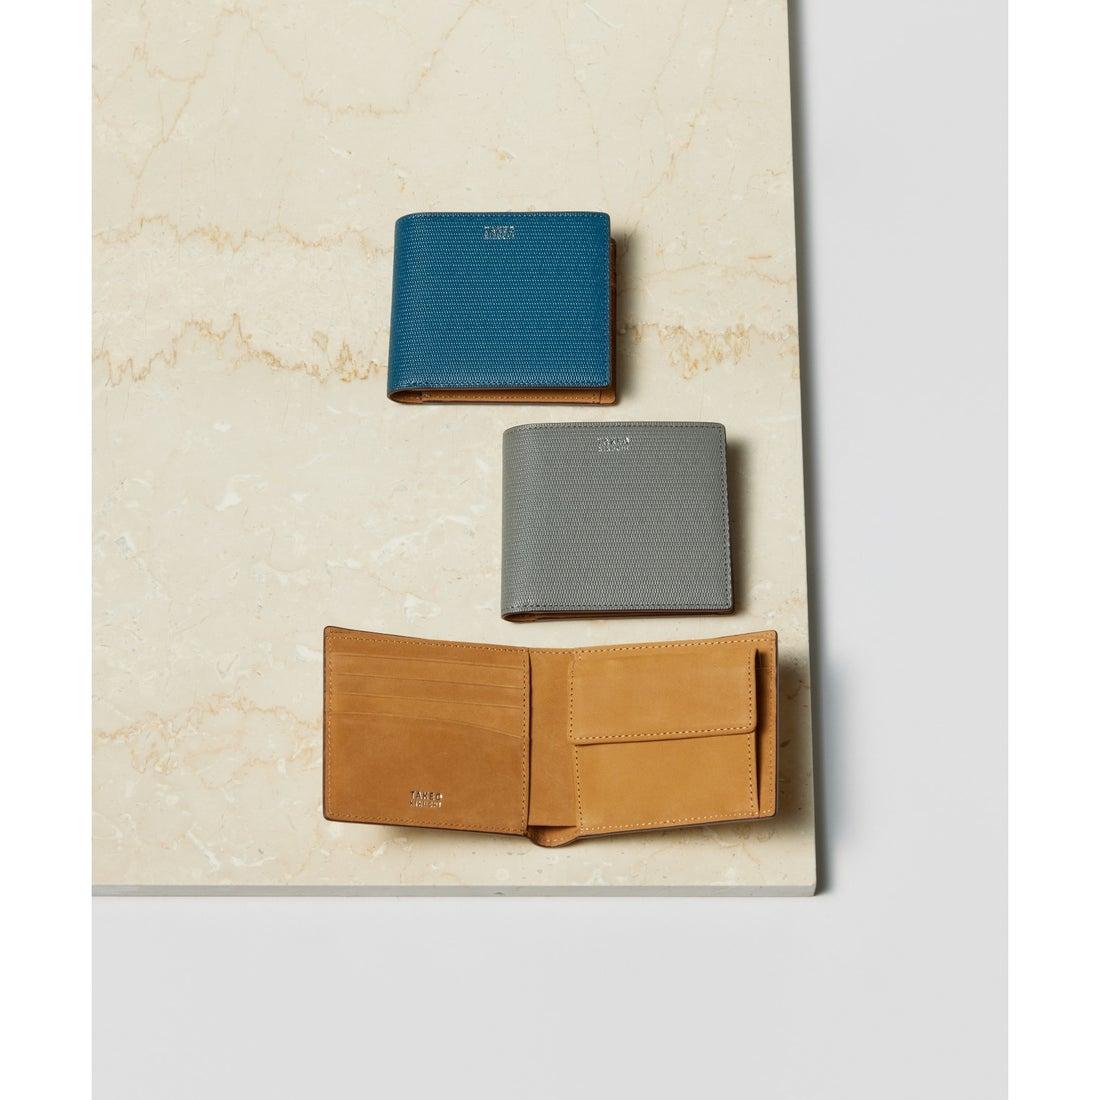 タケオ キクチ TAKEO KIKUCHI ミニメッシュ2つ折り財布 [ メンズ 財布 サイフ 定番 二つ折り ギフト プレゼント ] (オレンジ)